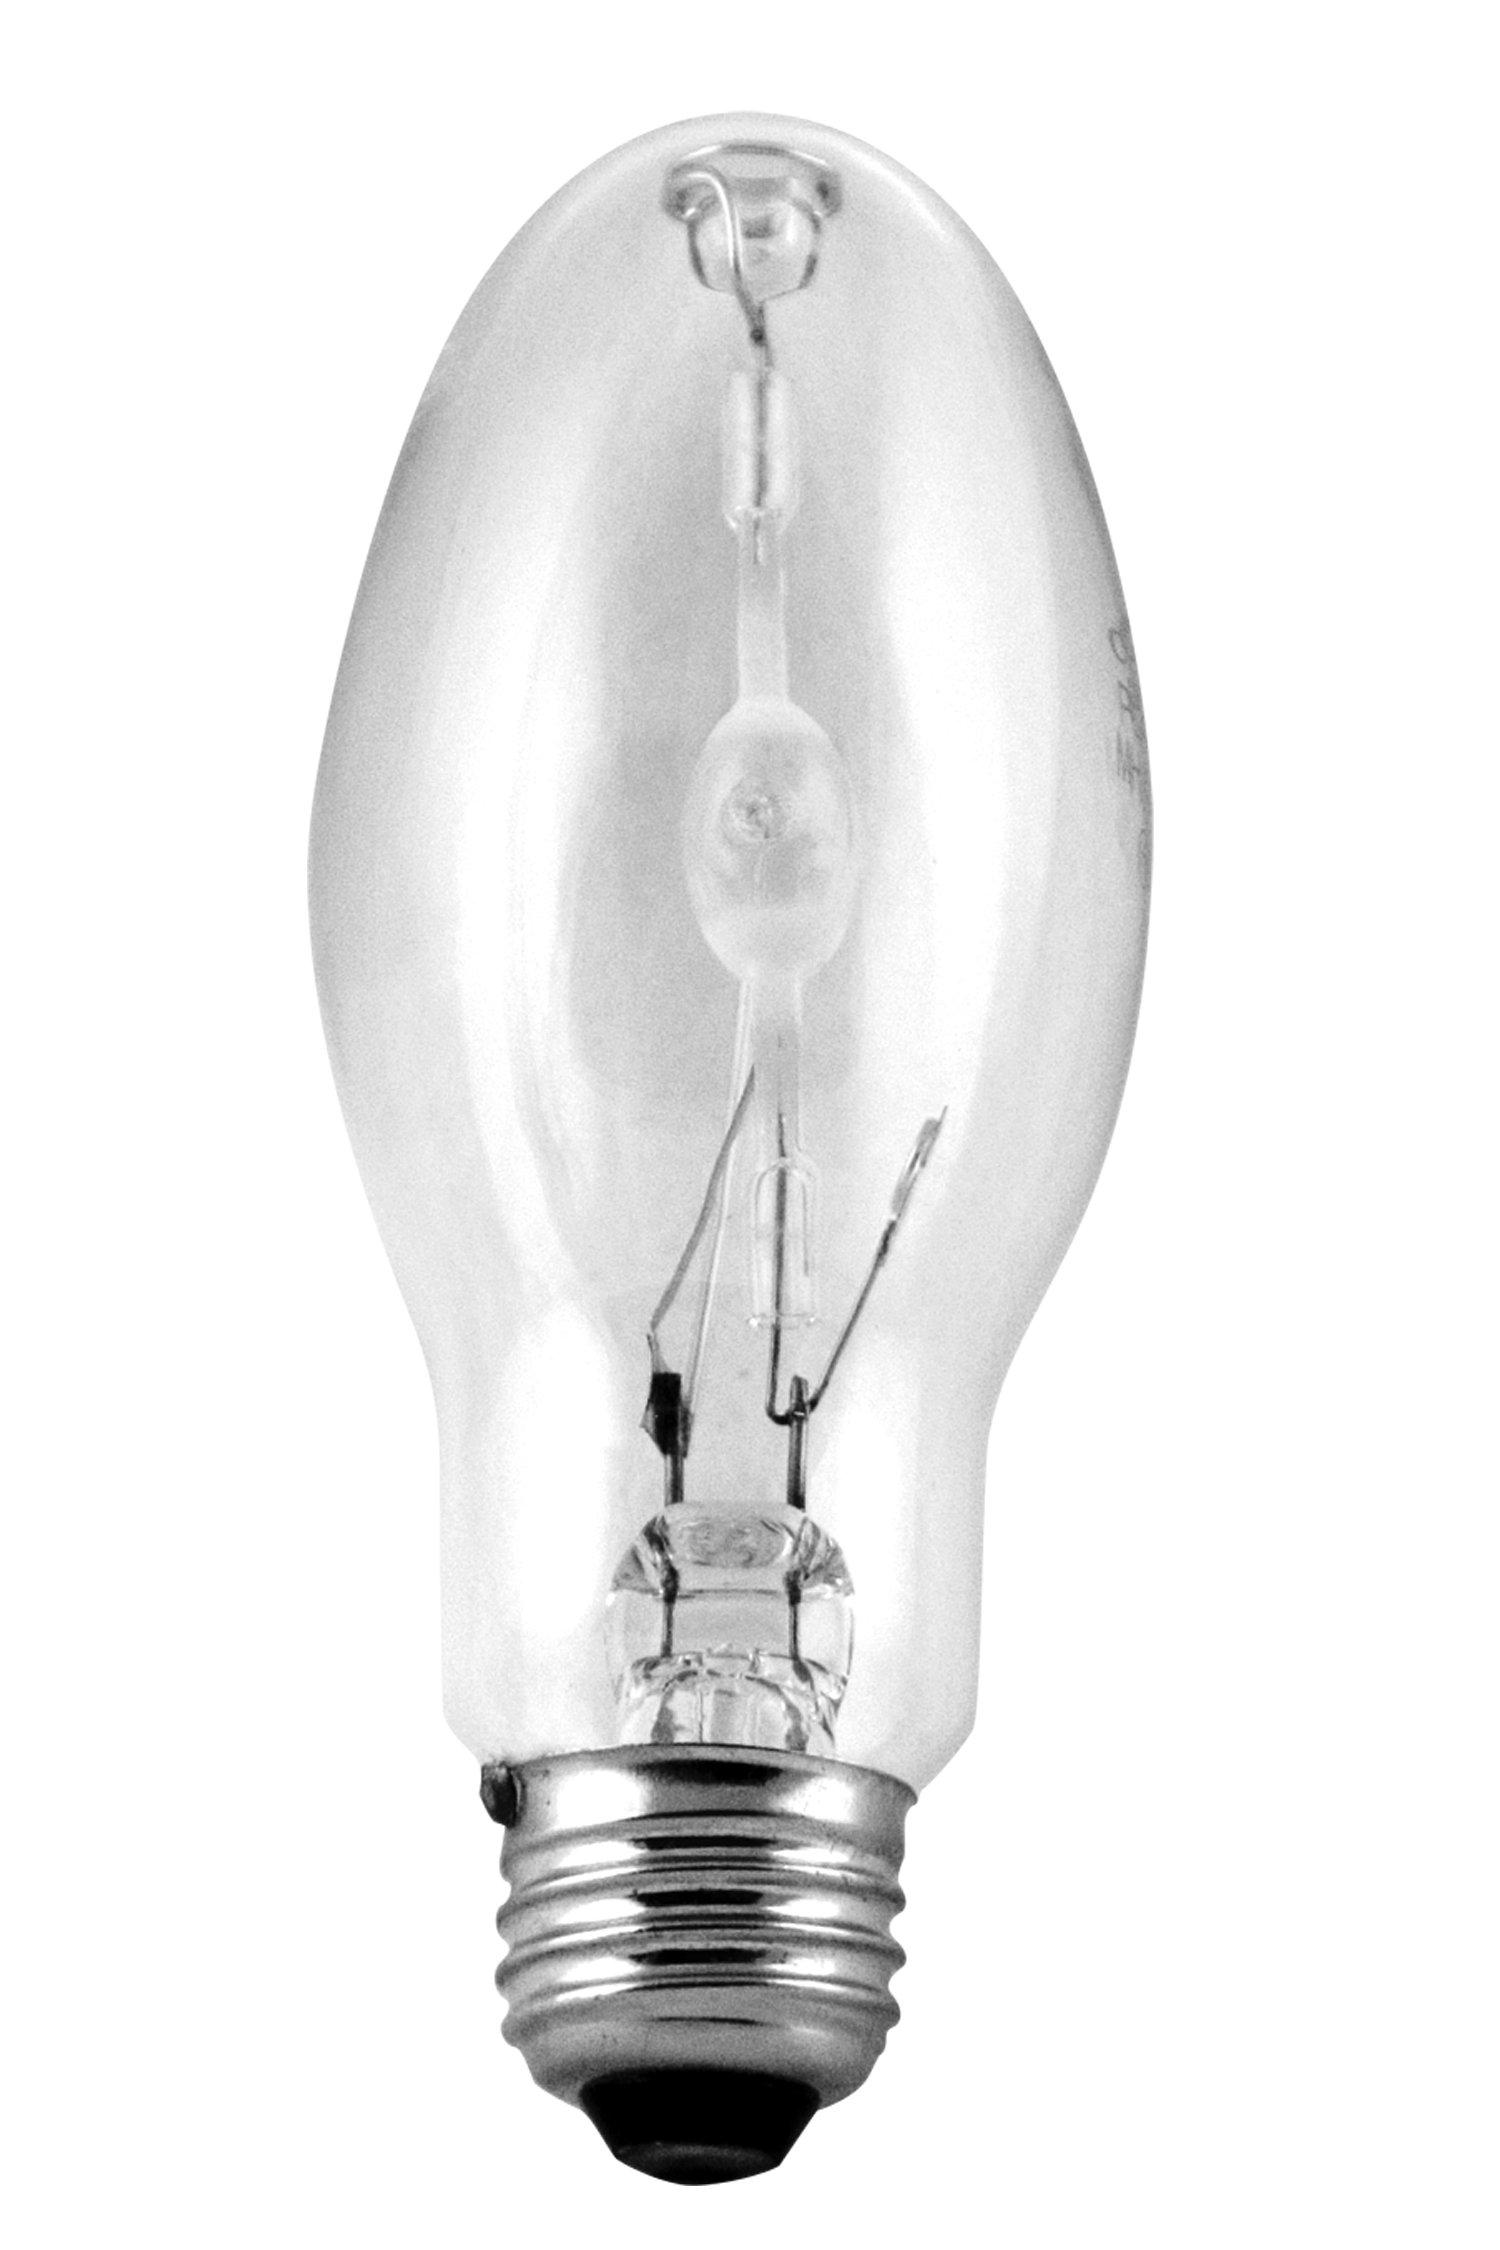 Howard Lighting MH175/U/MED 175W Metal Halide Lamp